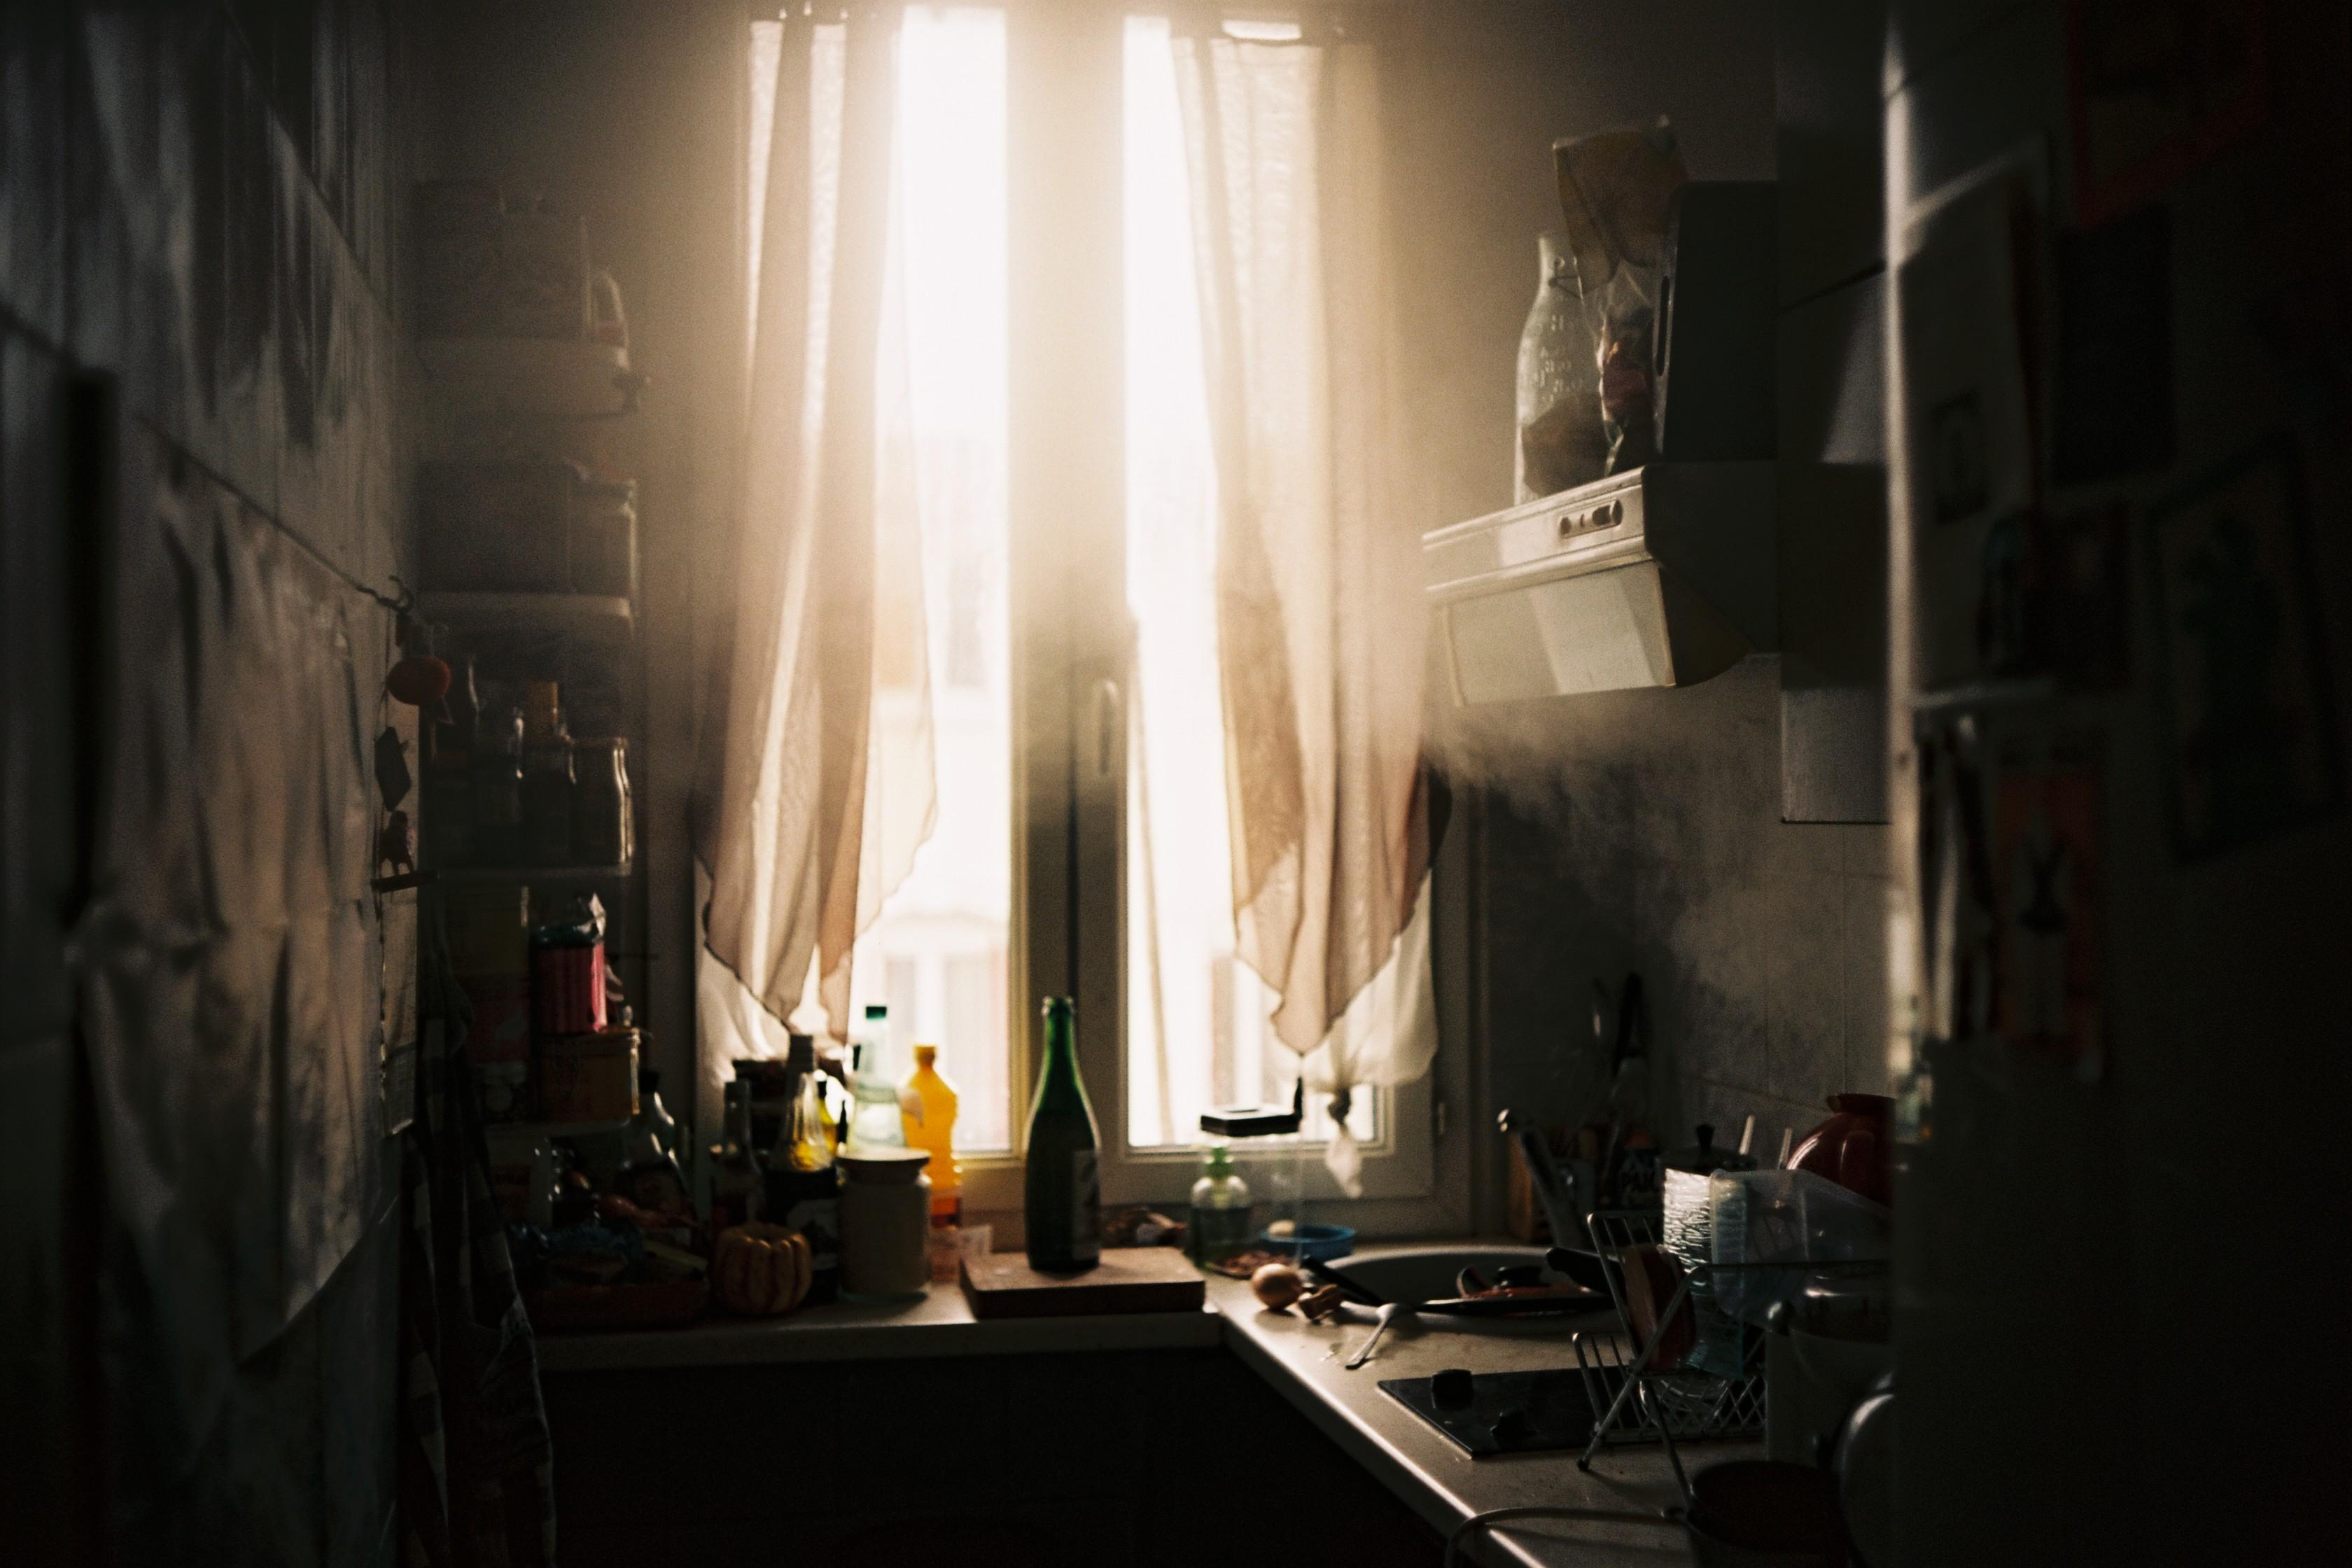 Fenster Koch hintergrundbilder fenster koch küche innenarchitektur licht